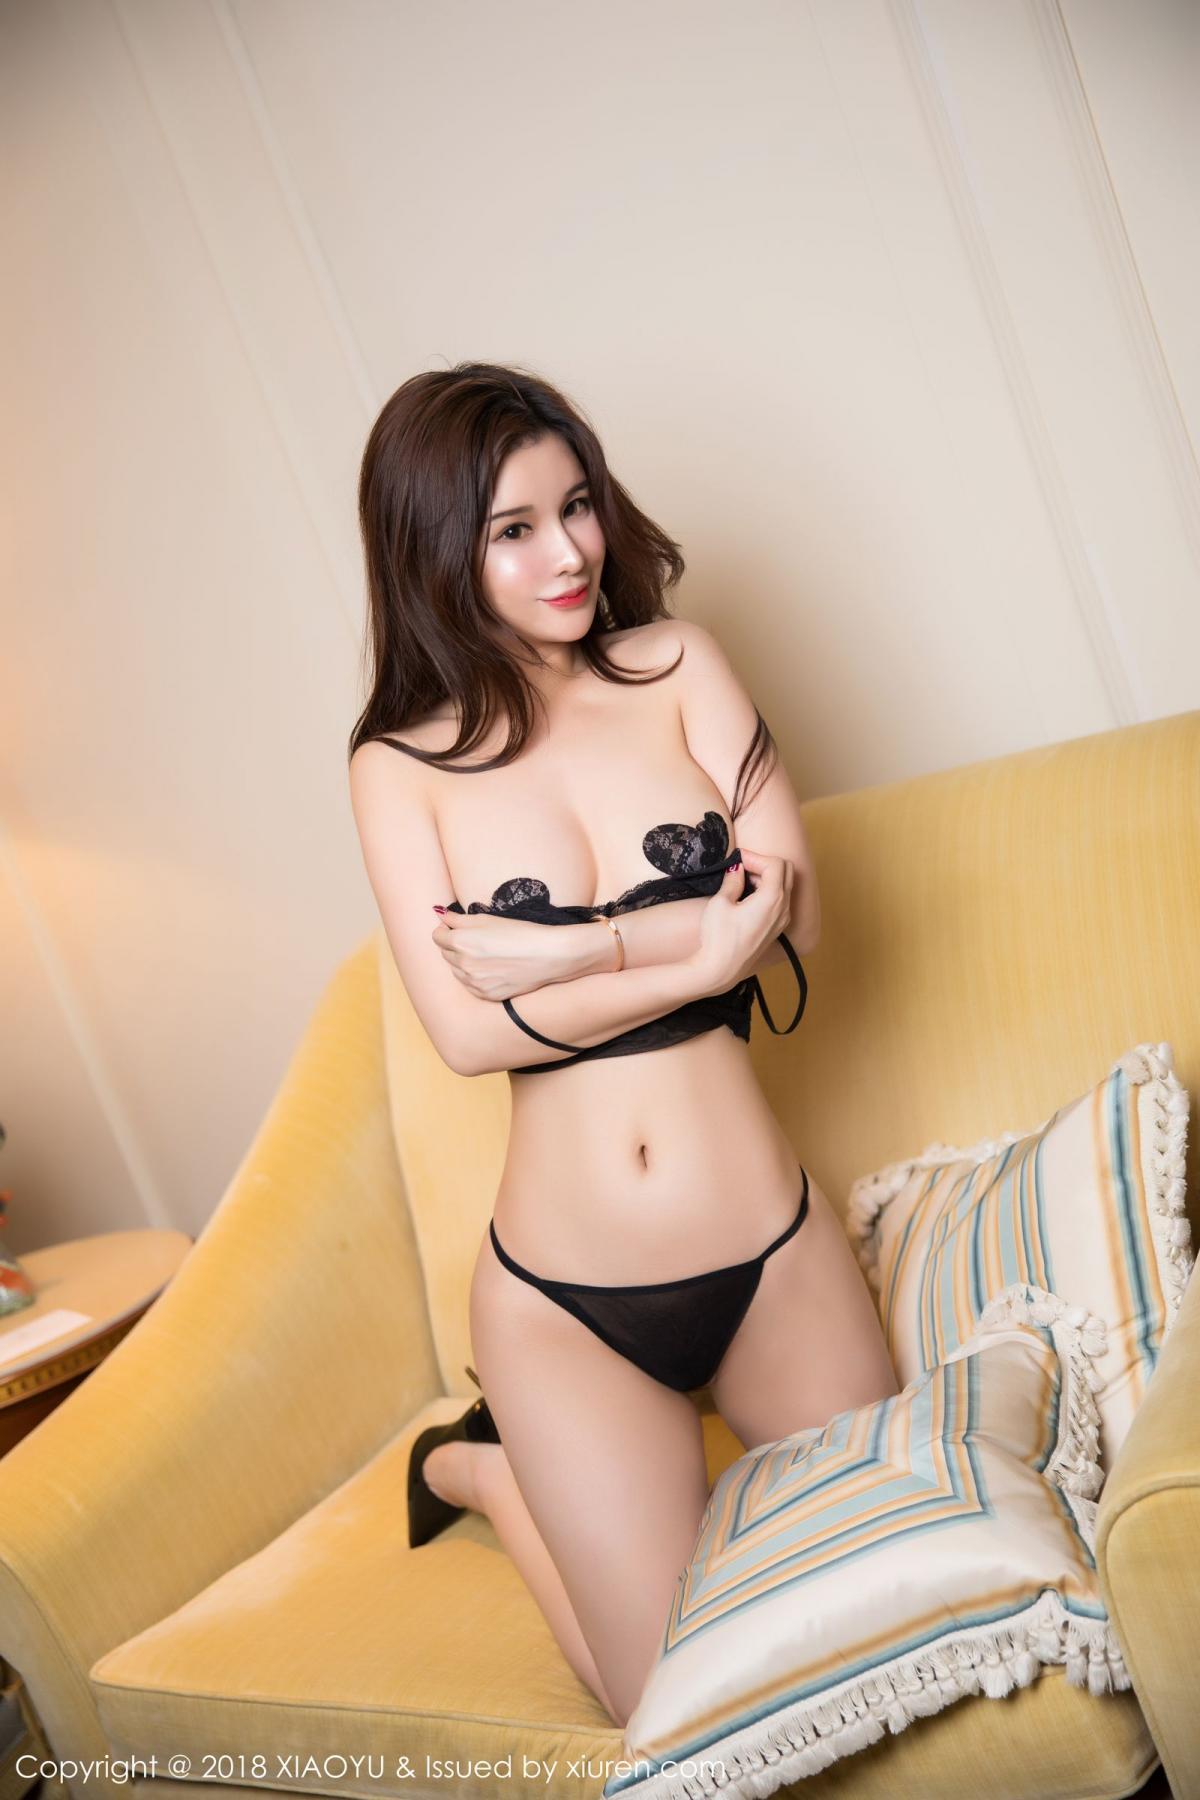 [XiaoYu] Vol.003 Chun Xiao Xi 25P, Adult, Chun Xiao Xi, XiaoYu